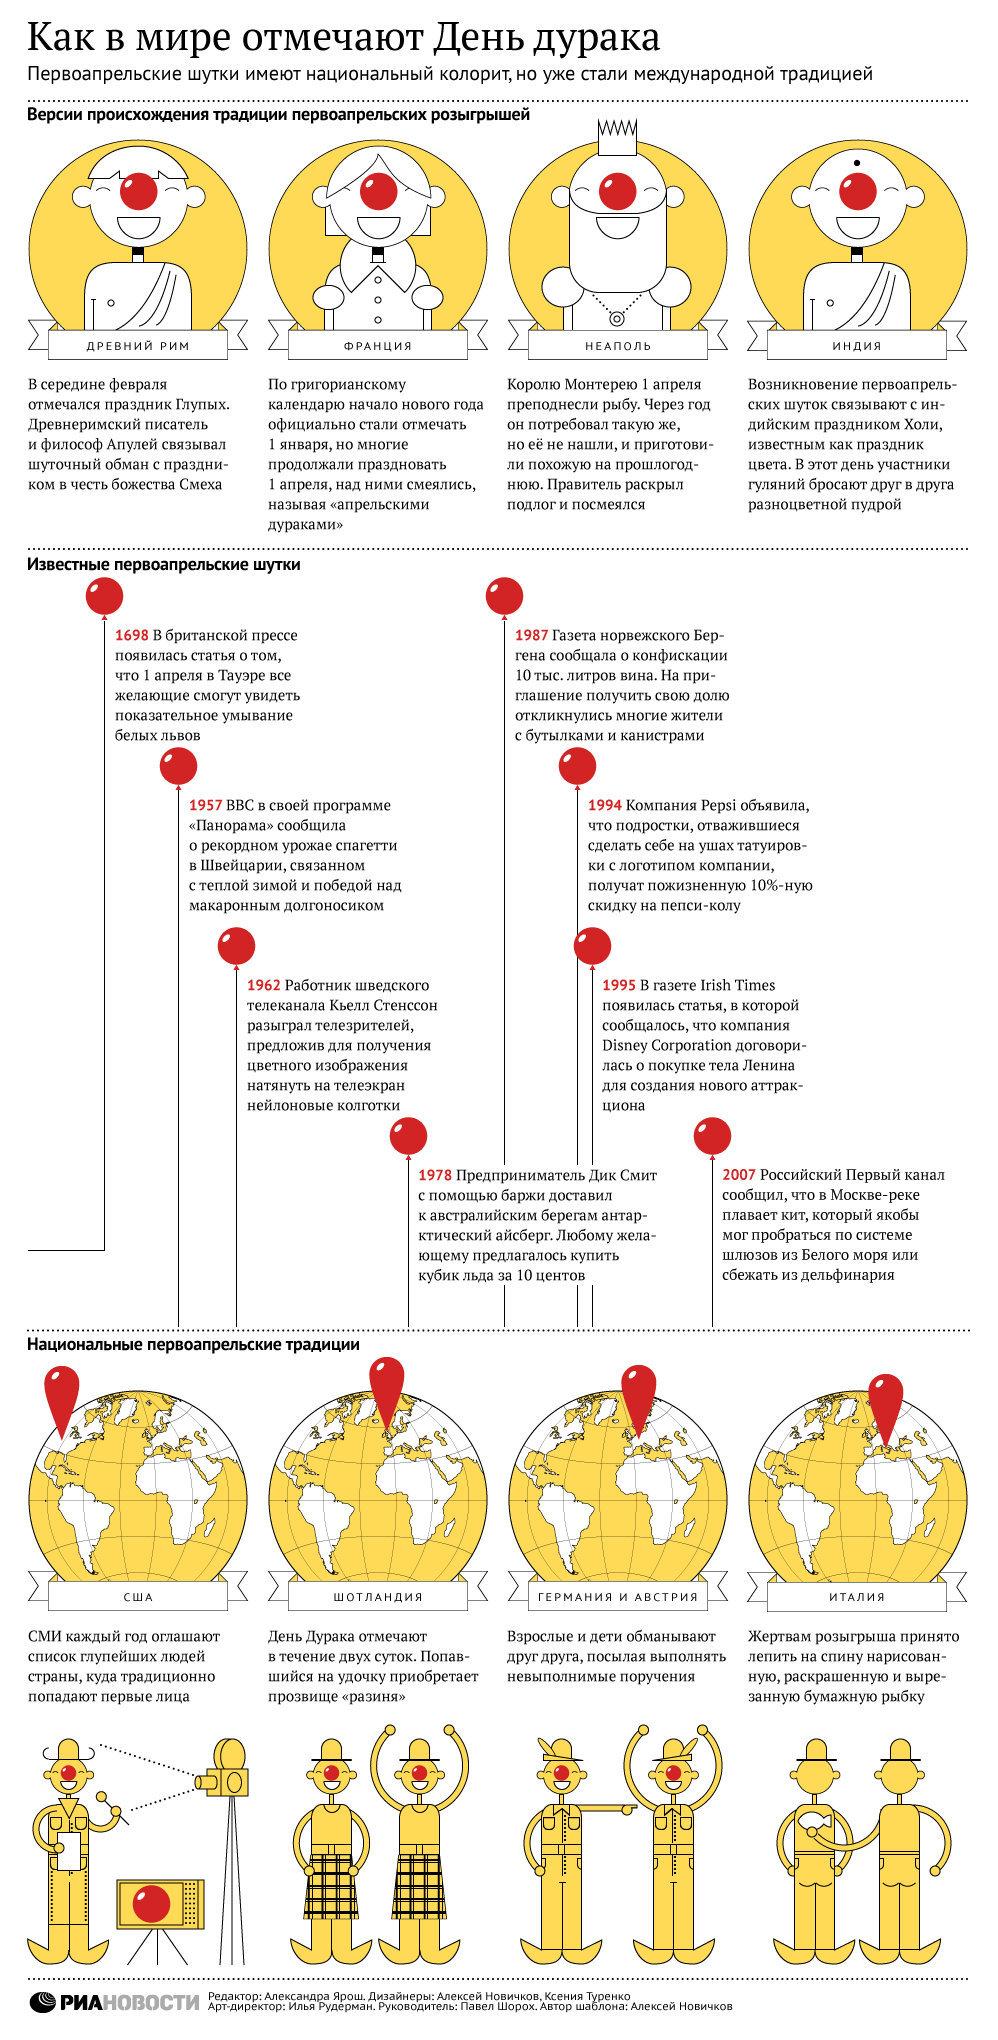 Как в мире отмечают День дурака. Инфографика - Sputnik Таджикистан